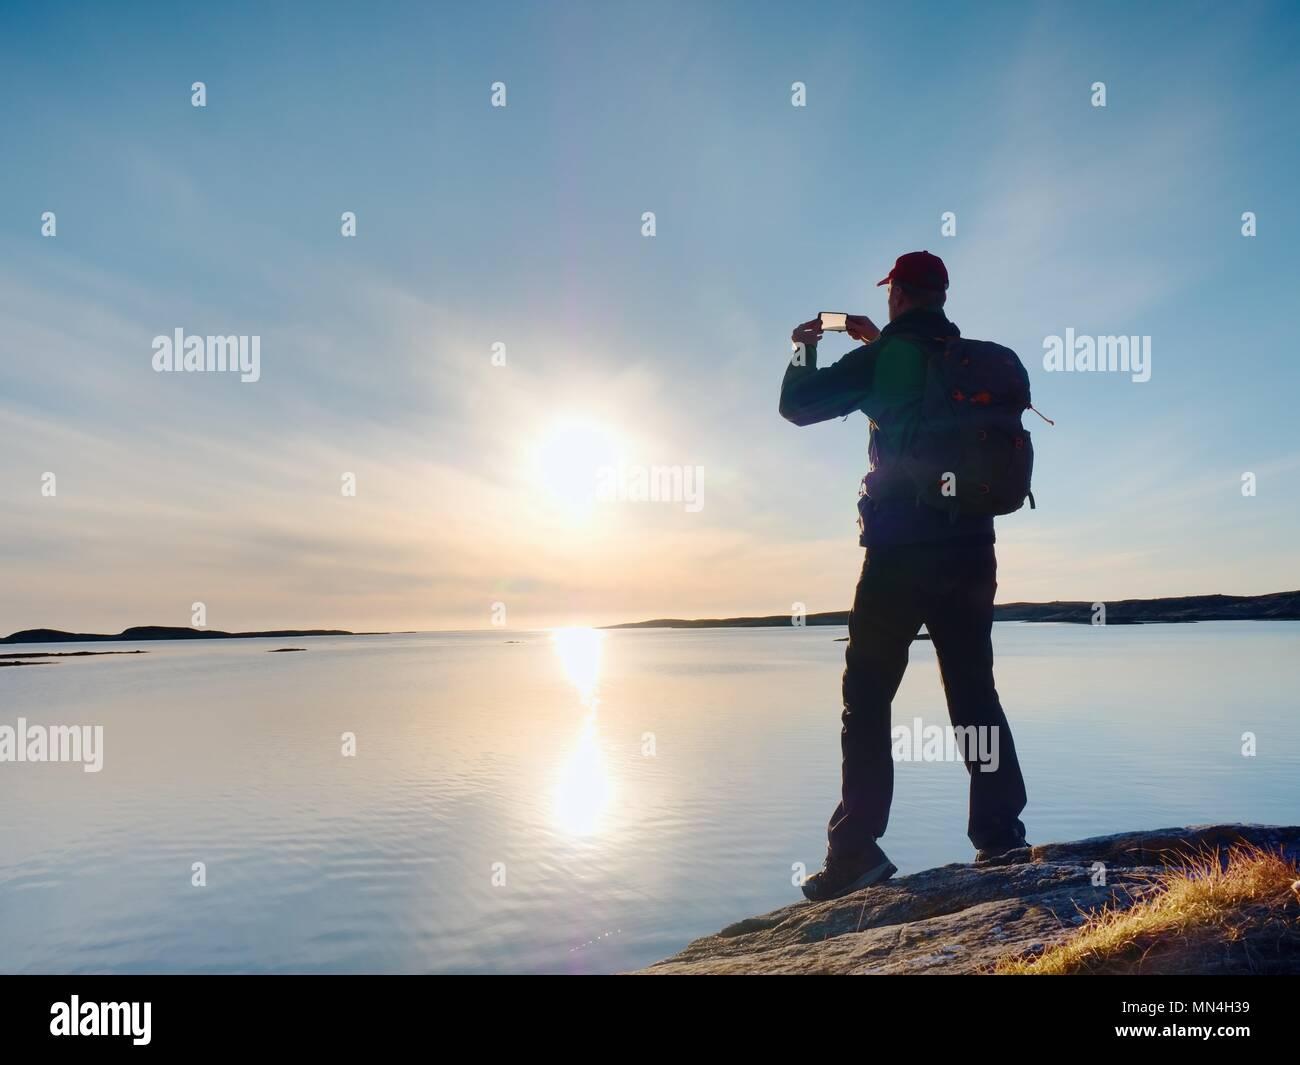 Silhouette d'homme garder souvenirs avec téléphone appareil photo dans sa main. D'un merveilleux coucher de soleil en mer, bon niveau d'eau Photo Stock